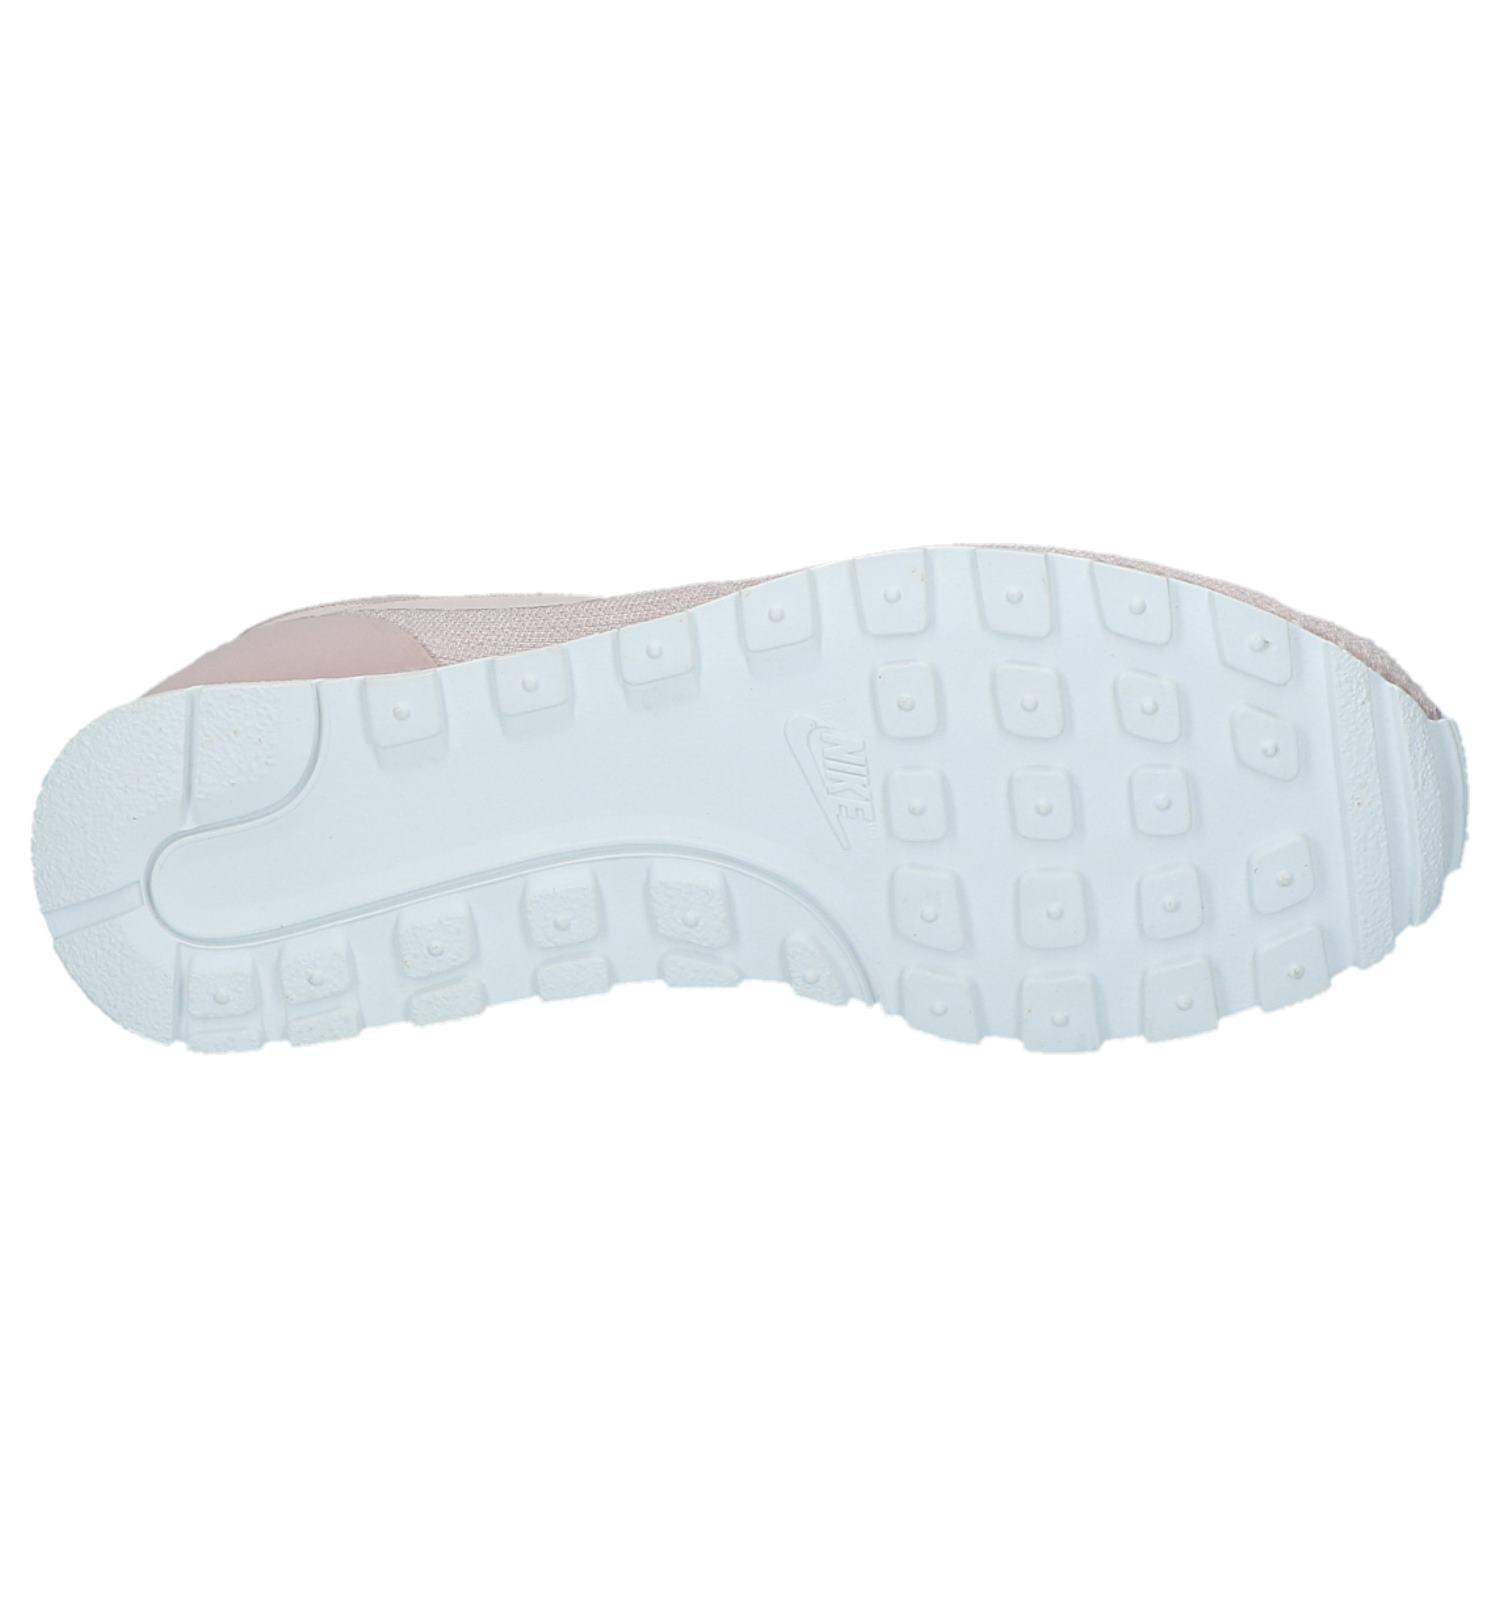 Nike Runner 2 Md Mesh Eng Roze Sneakers nN80wvm